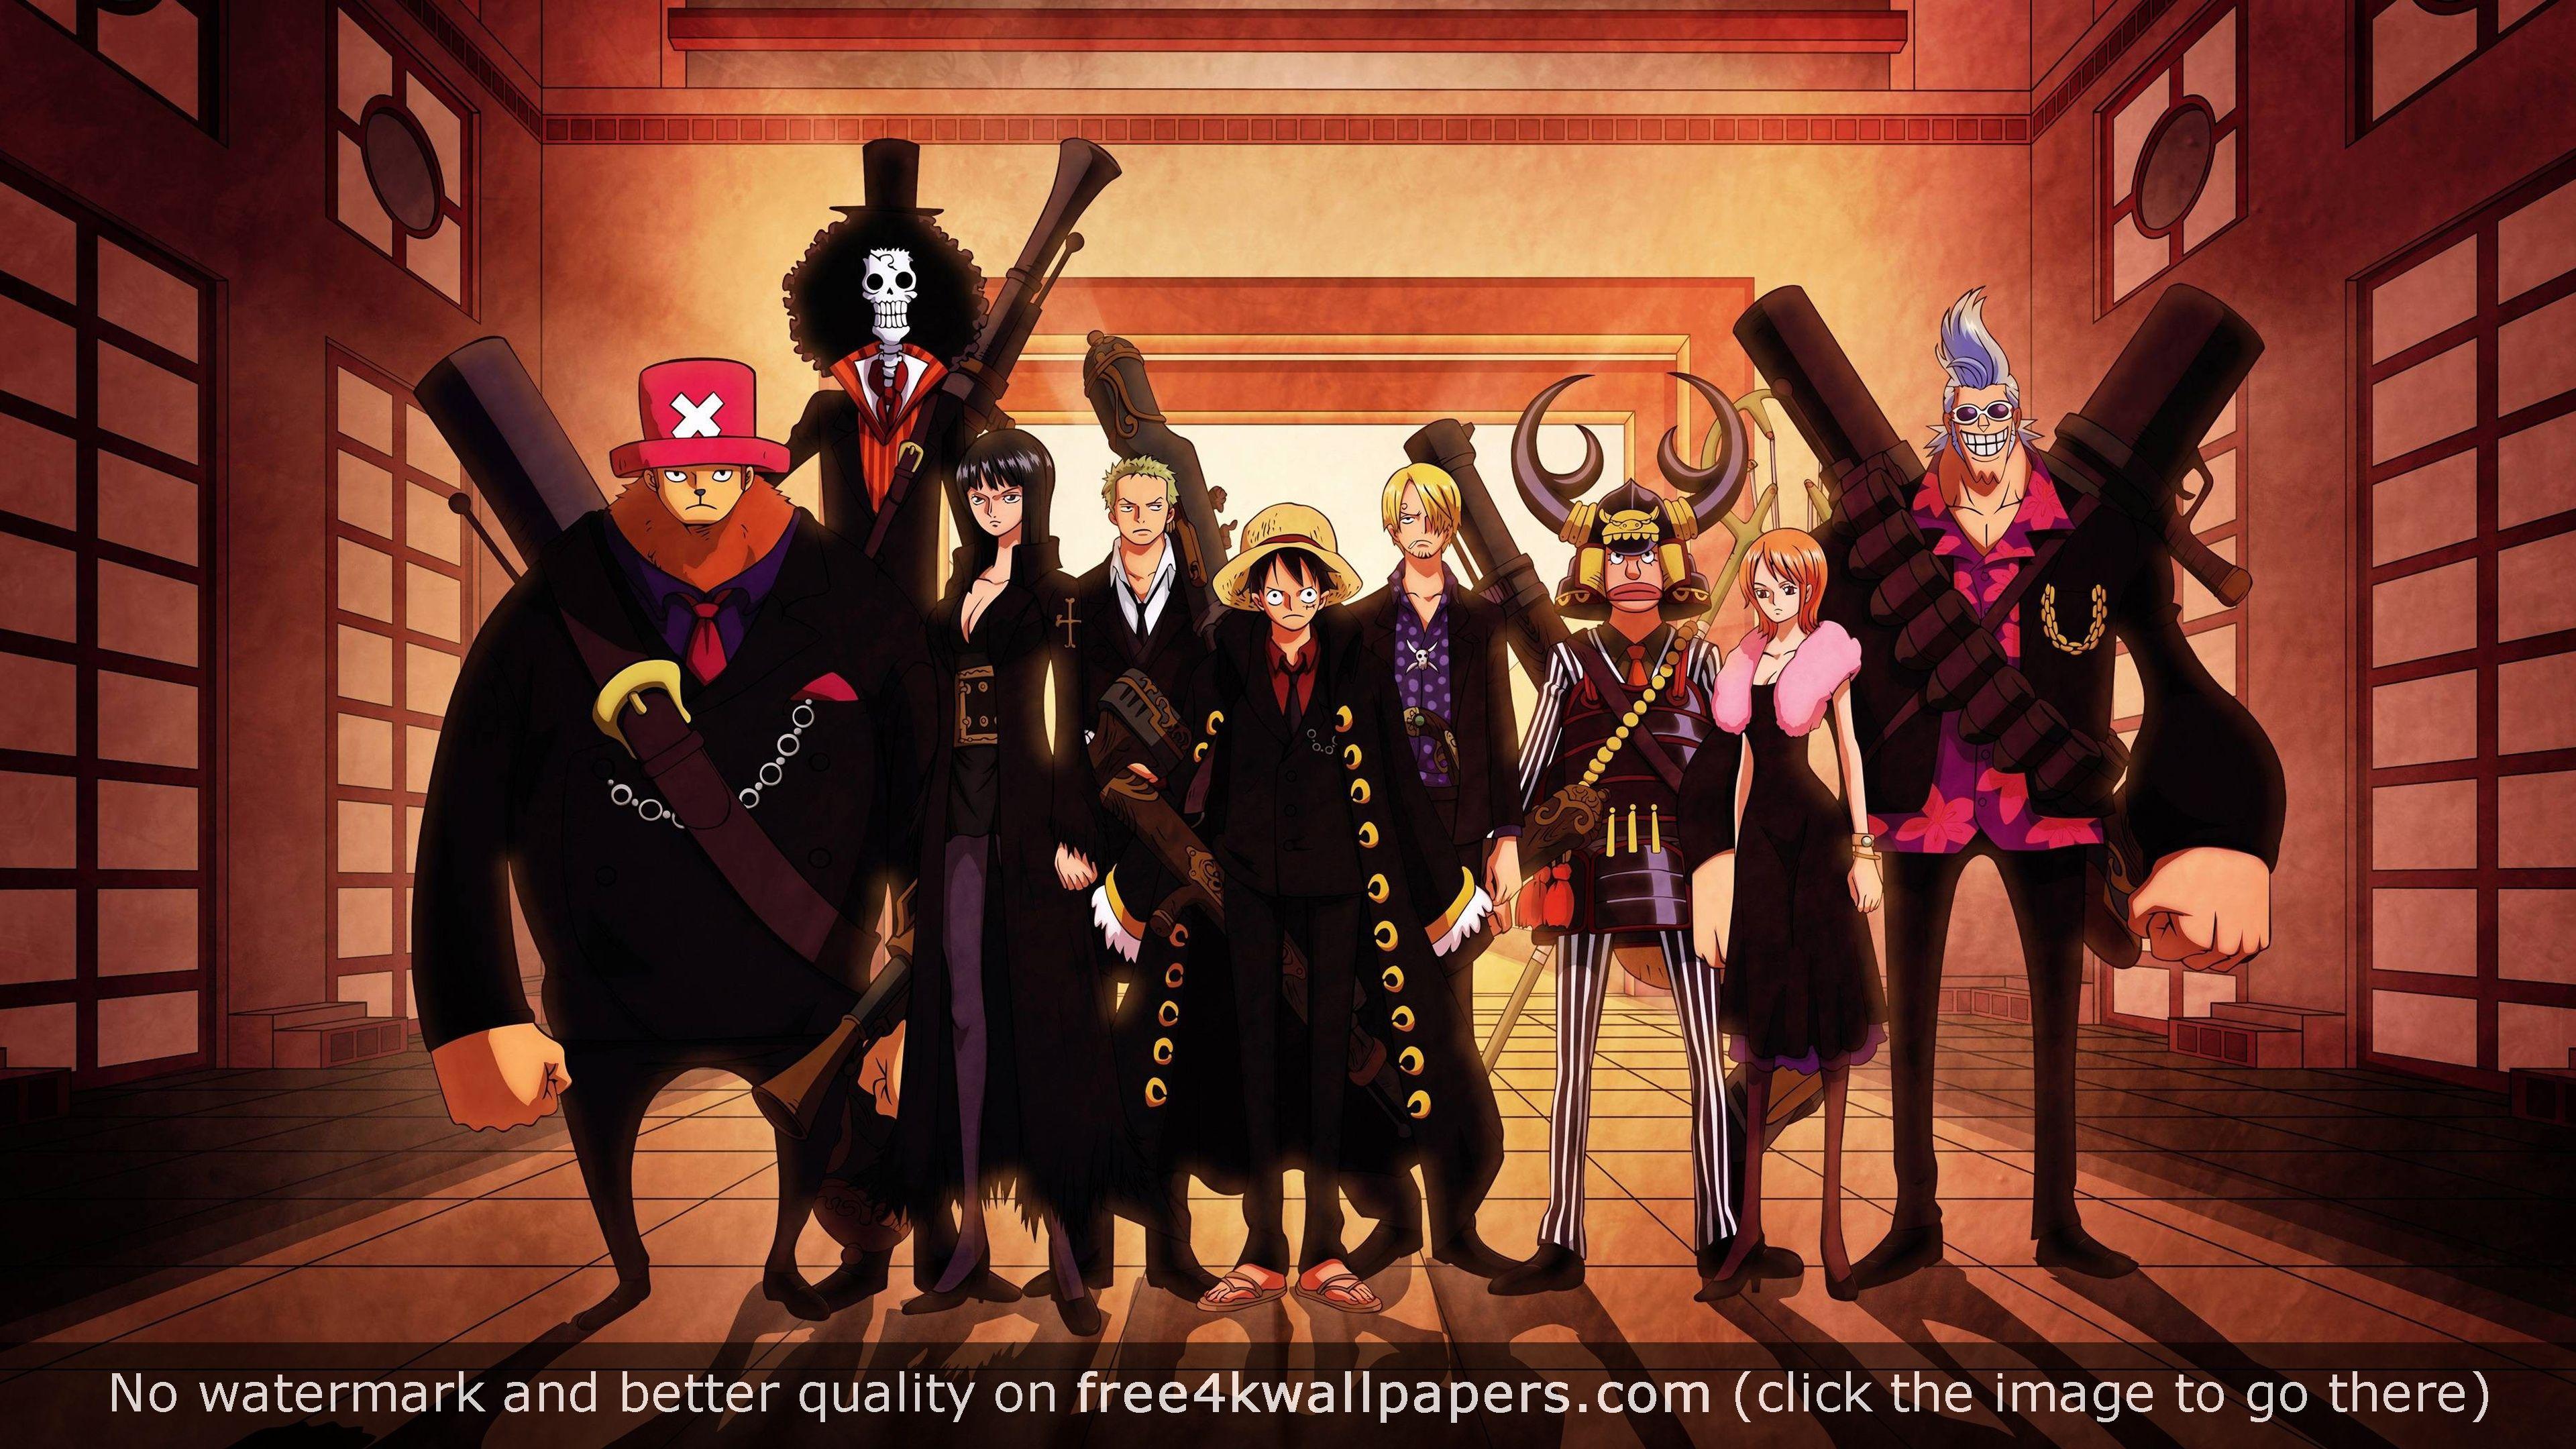 One Piece Anime 4k Wallpaper One Piece Anime One Piece New World One Piece Movies